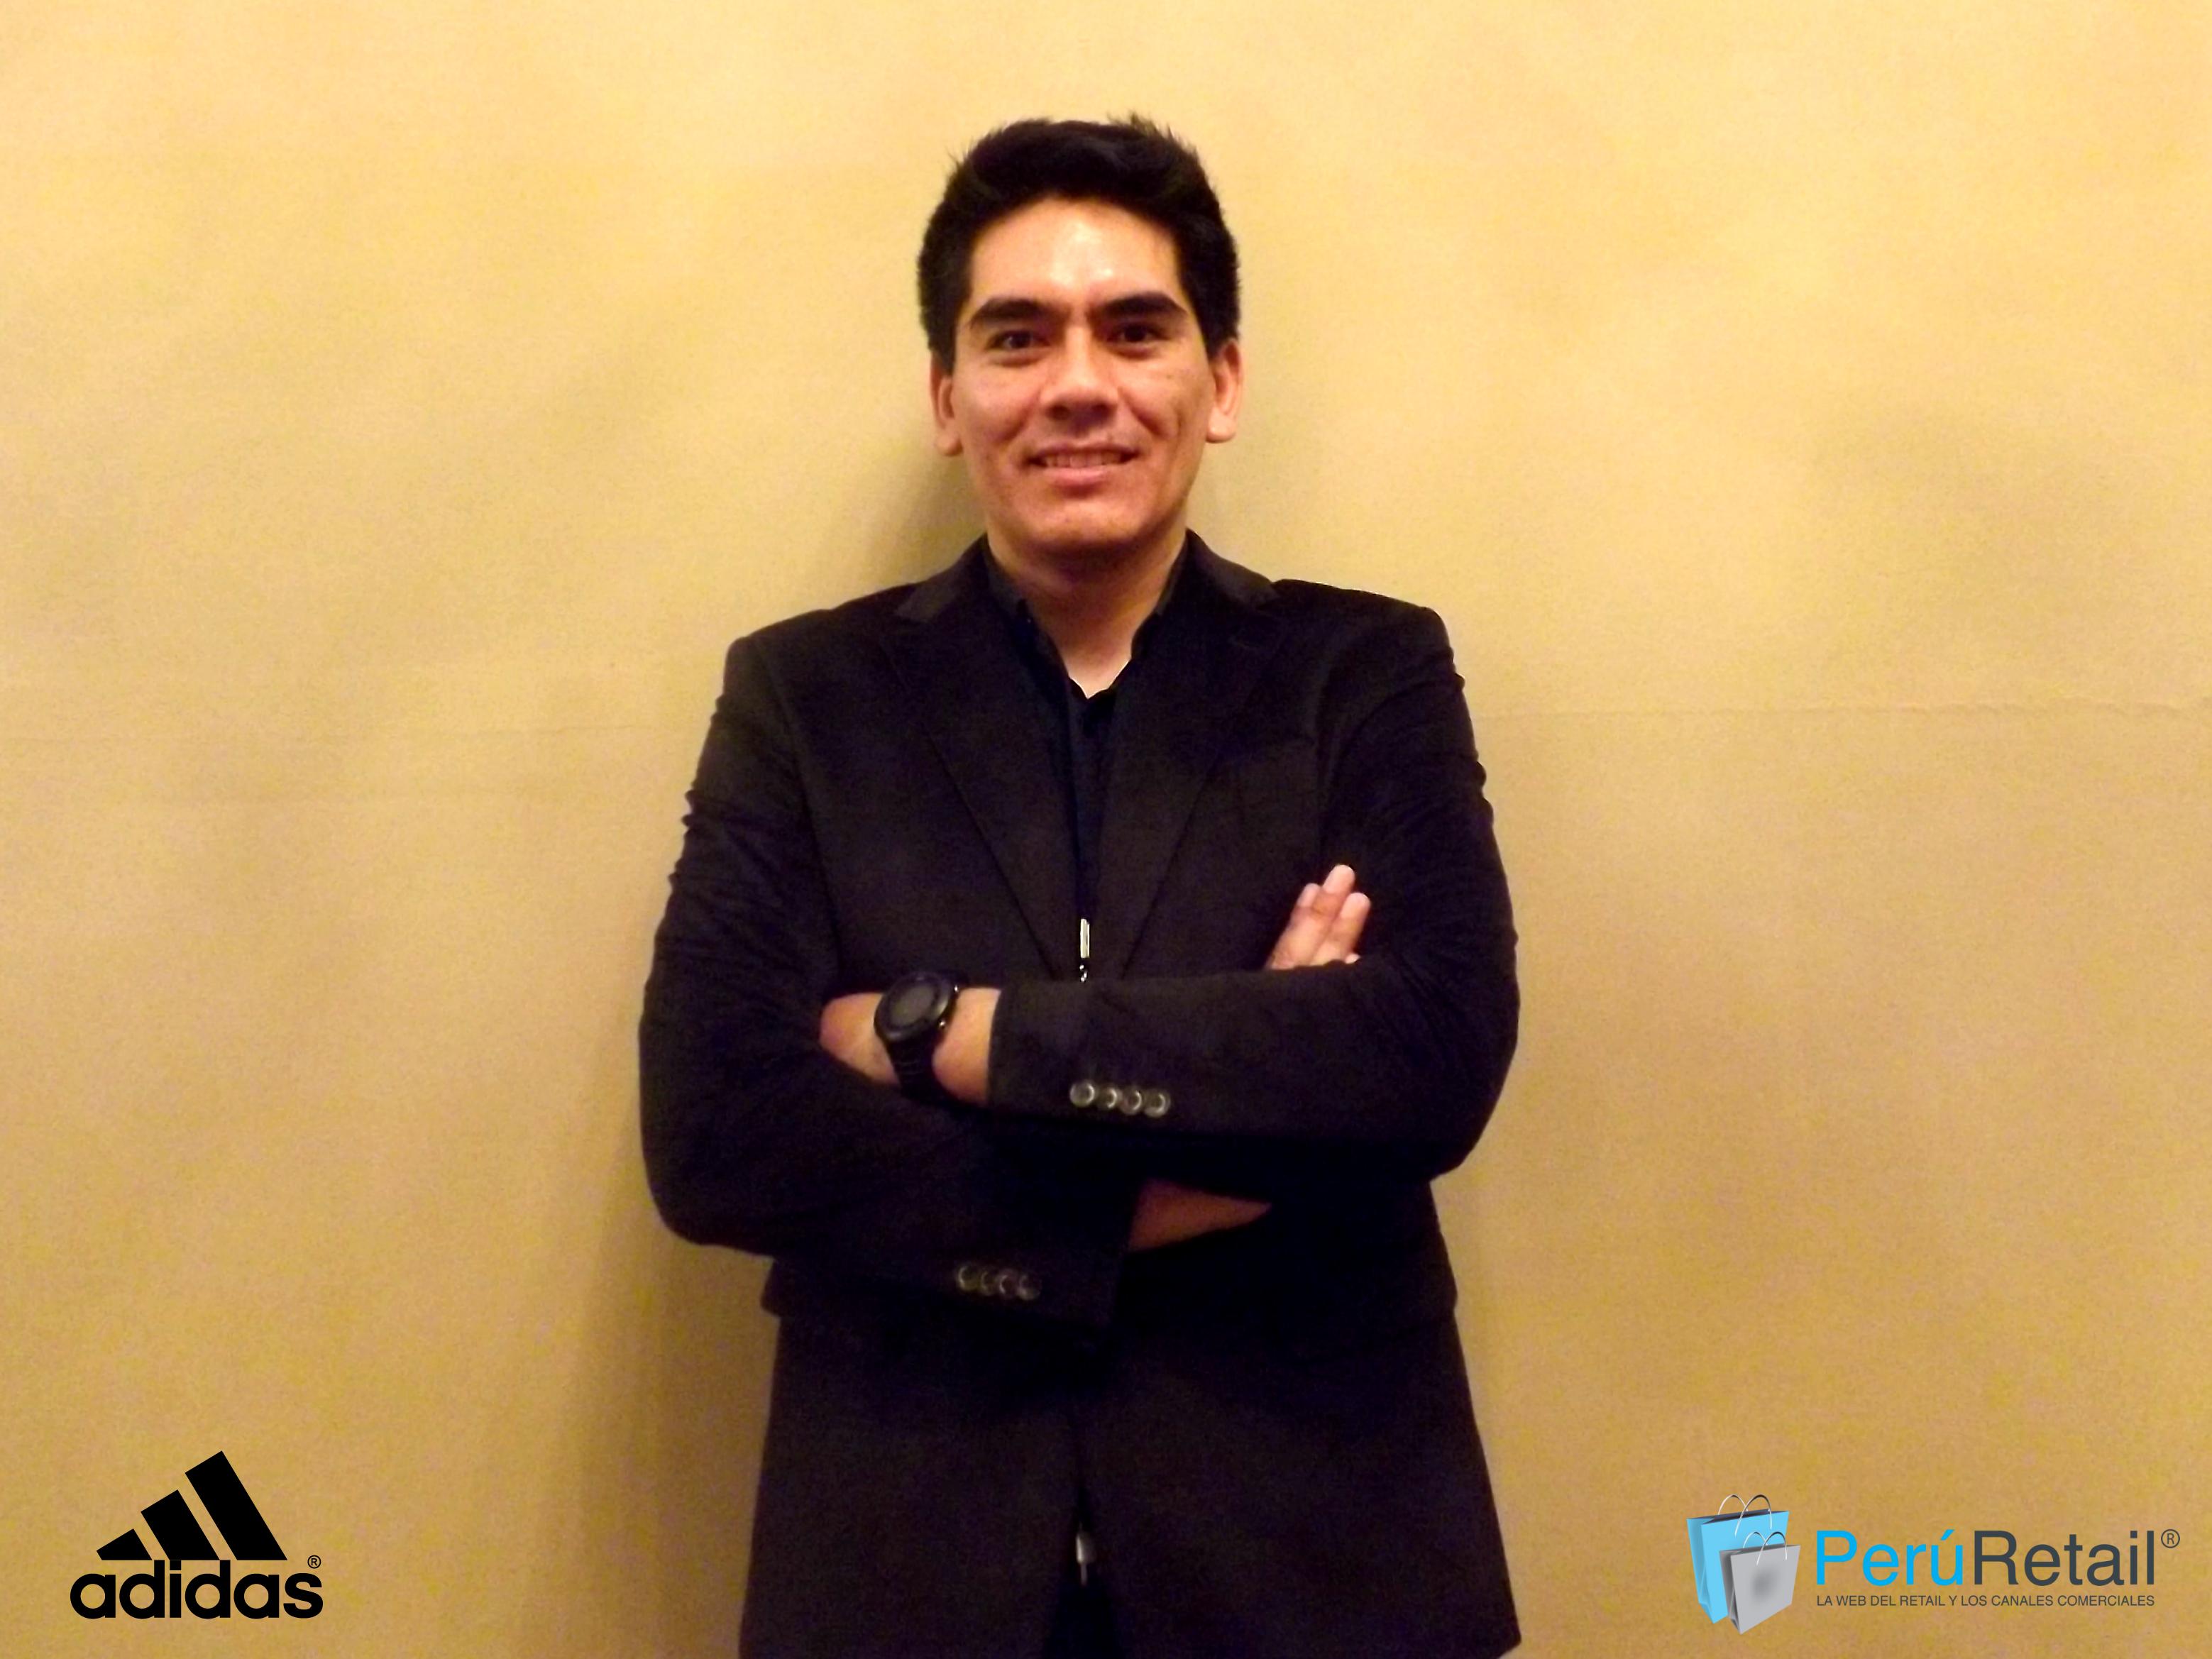 Vasili Diaz Chavarru ecom Adidas 1 Peru Retail - Adidas estima aumentar entre 10 y 15% sus ventas online en Perú para el 2020